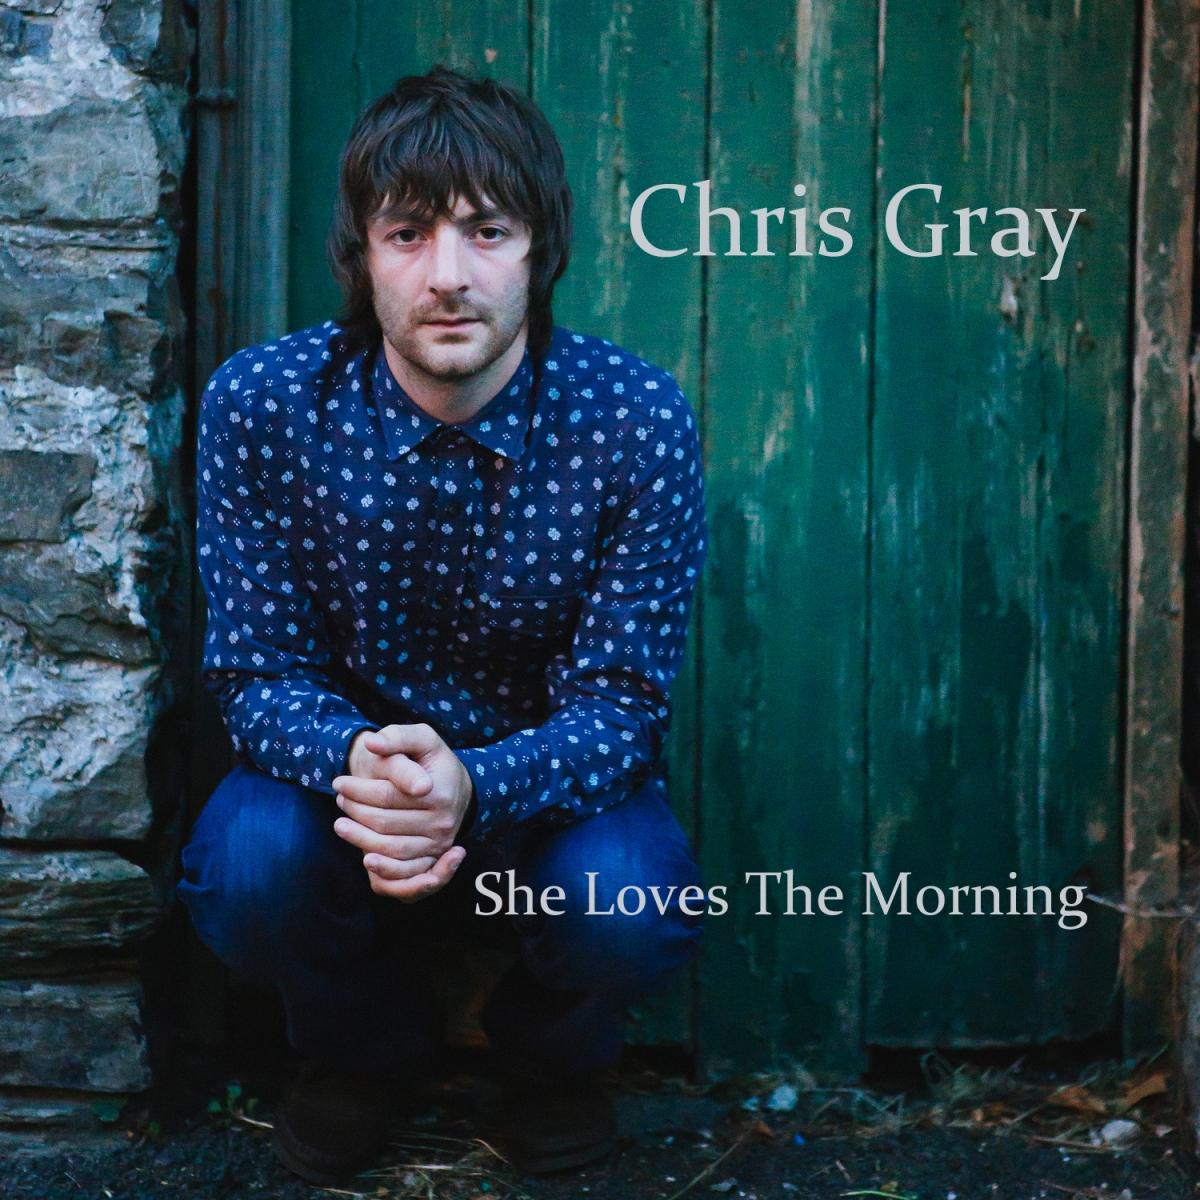 Chris Gray - She Loves the Morning - 2015